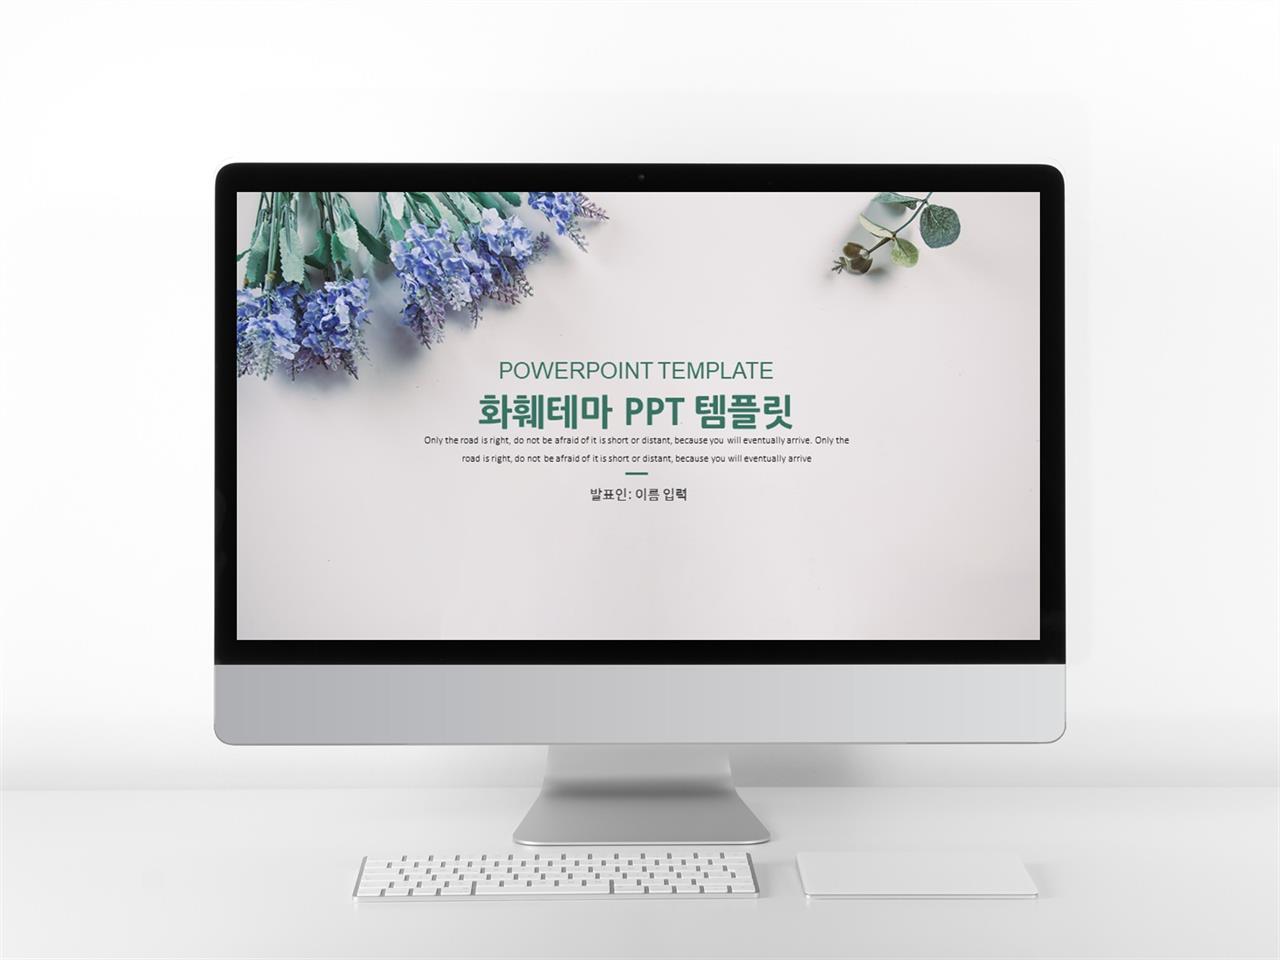 화훼, 동물주제 자주색 단정한 발표용 PPT양식 다운 미리보기